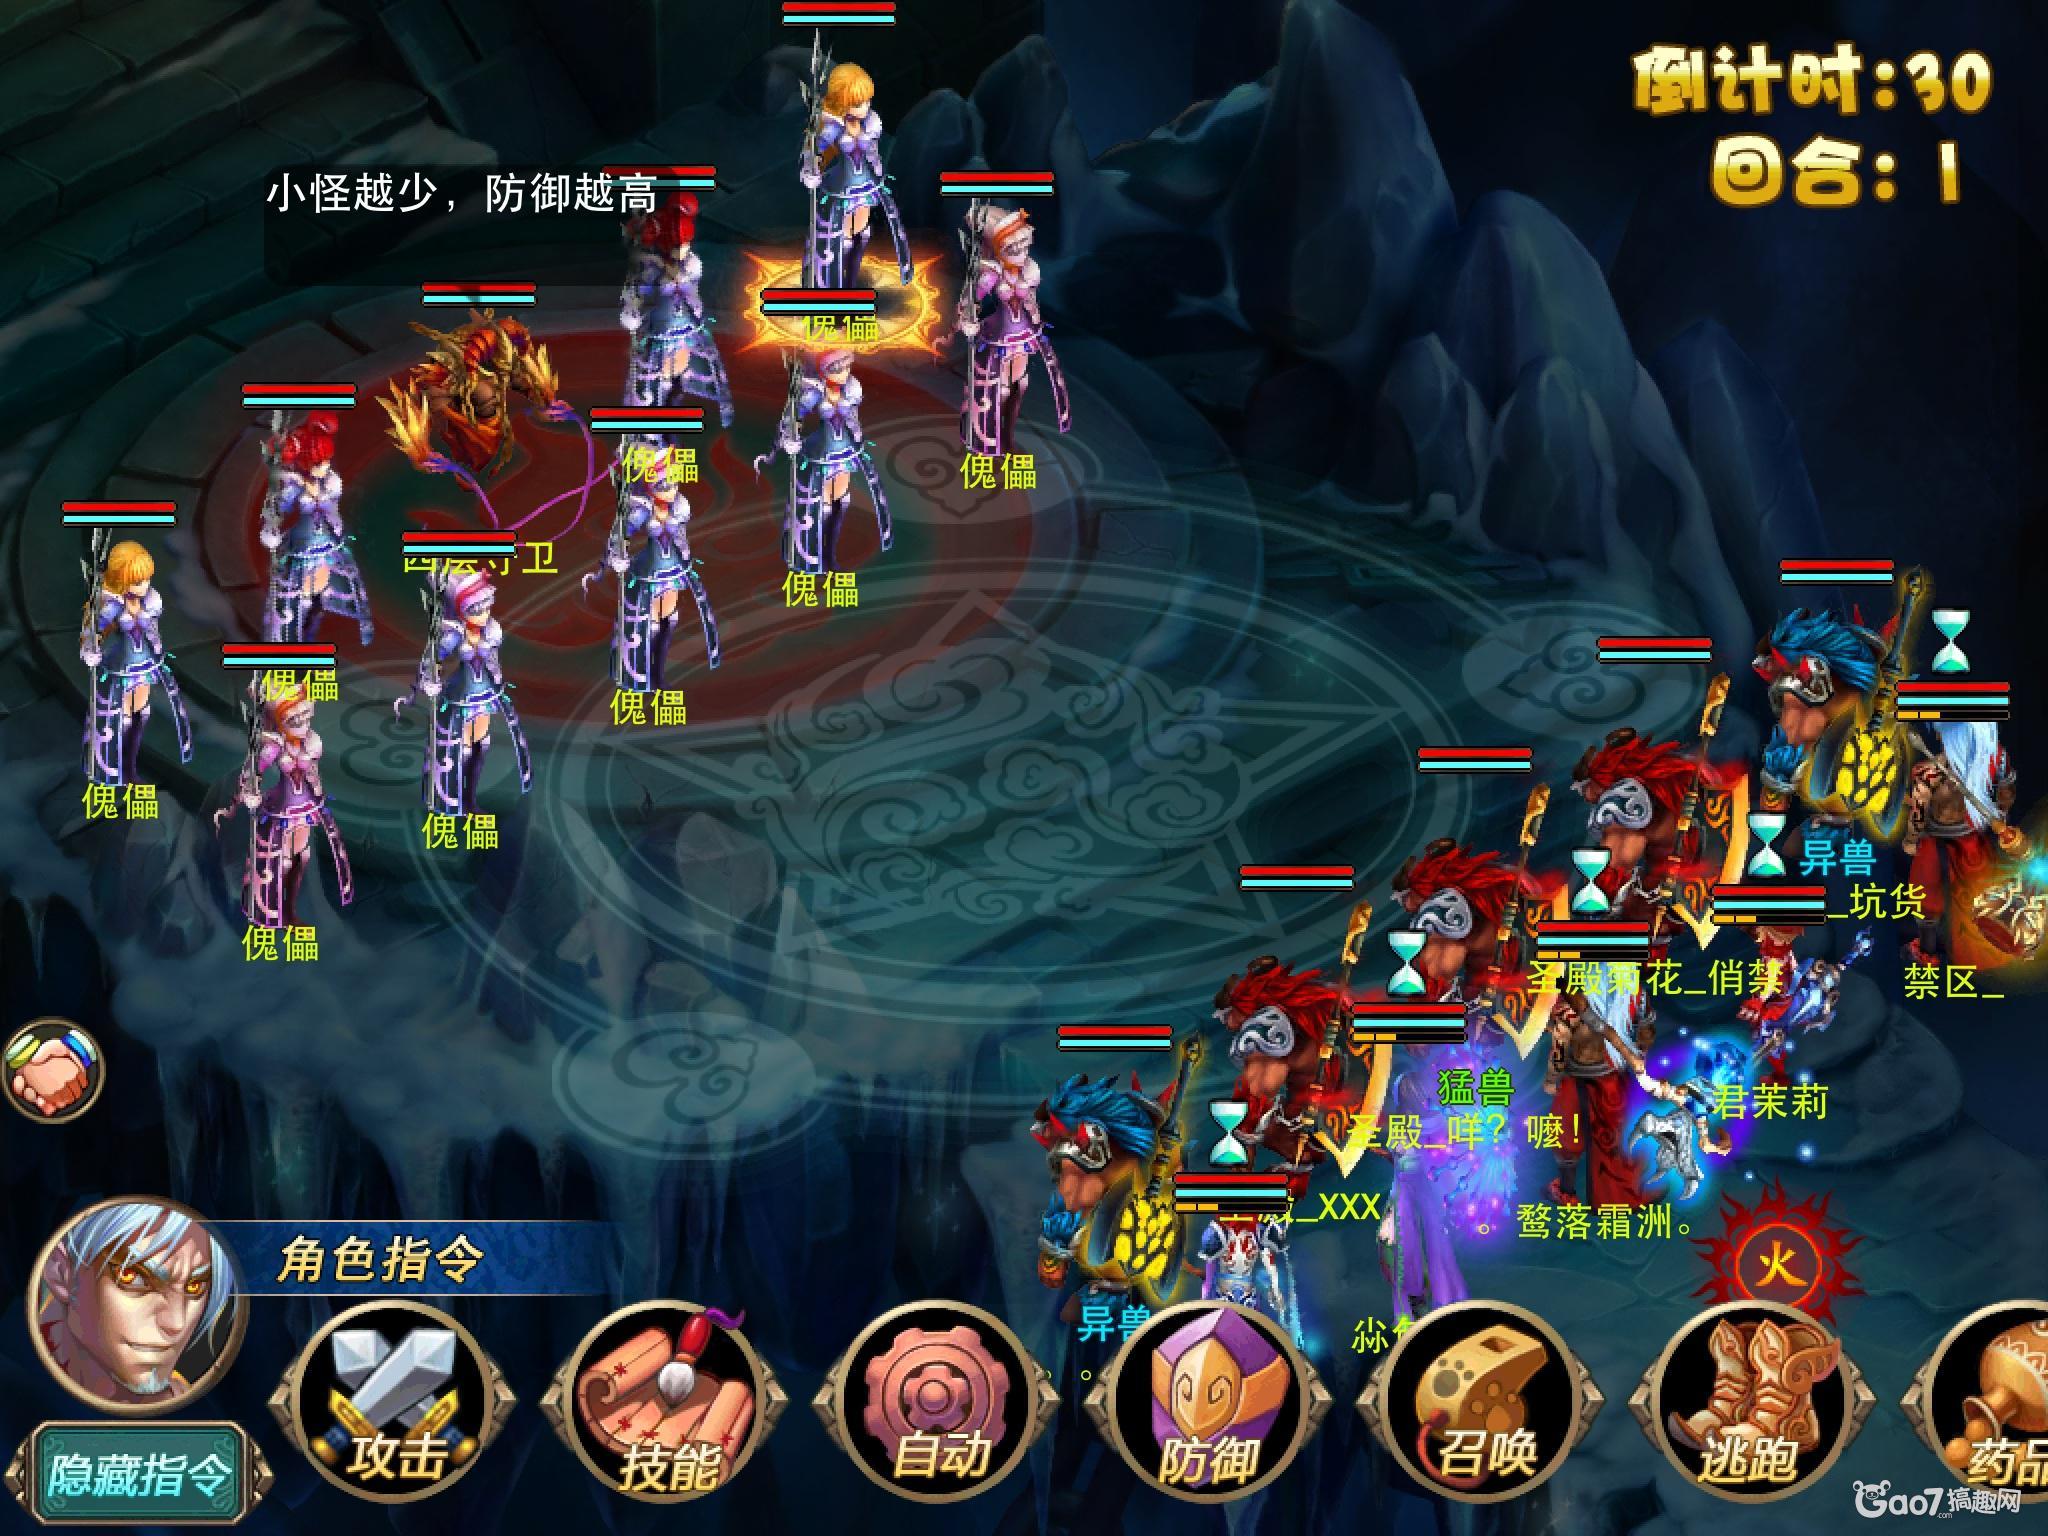 《仙缘》活动挑战锁妖塔1-6层攻略